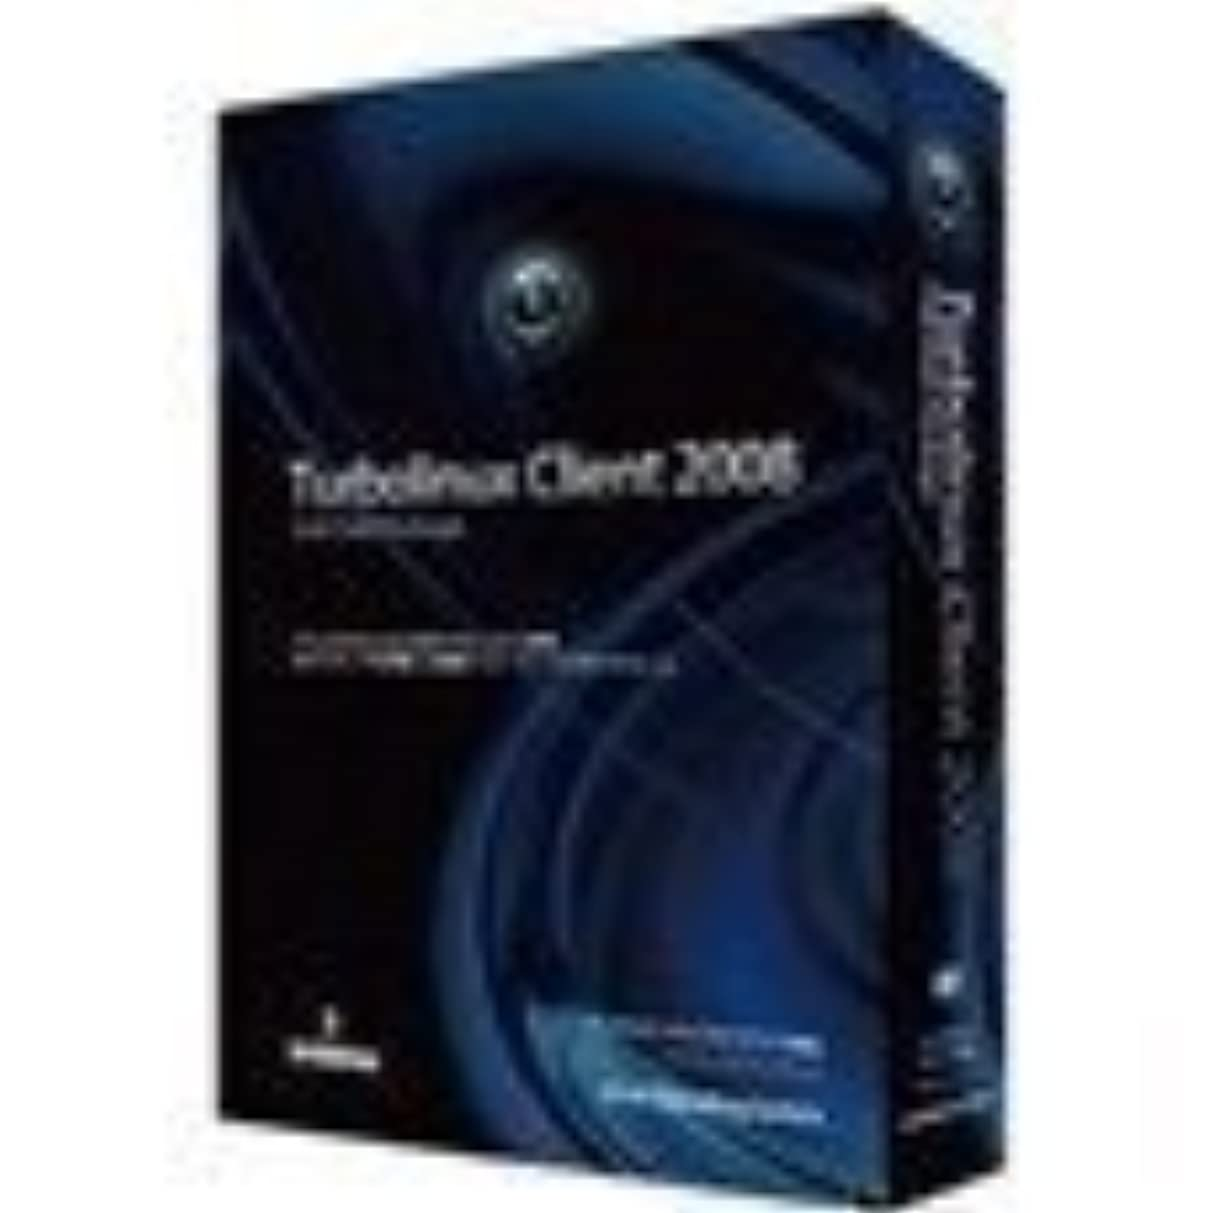 脅威エキゾチックアーチTurbolinux Client 2008 Full Disc Package